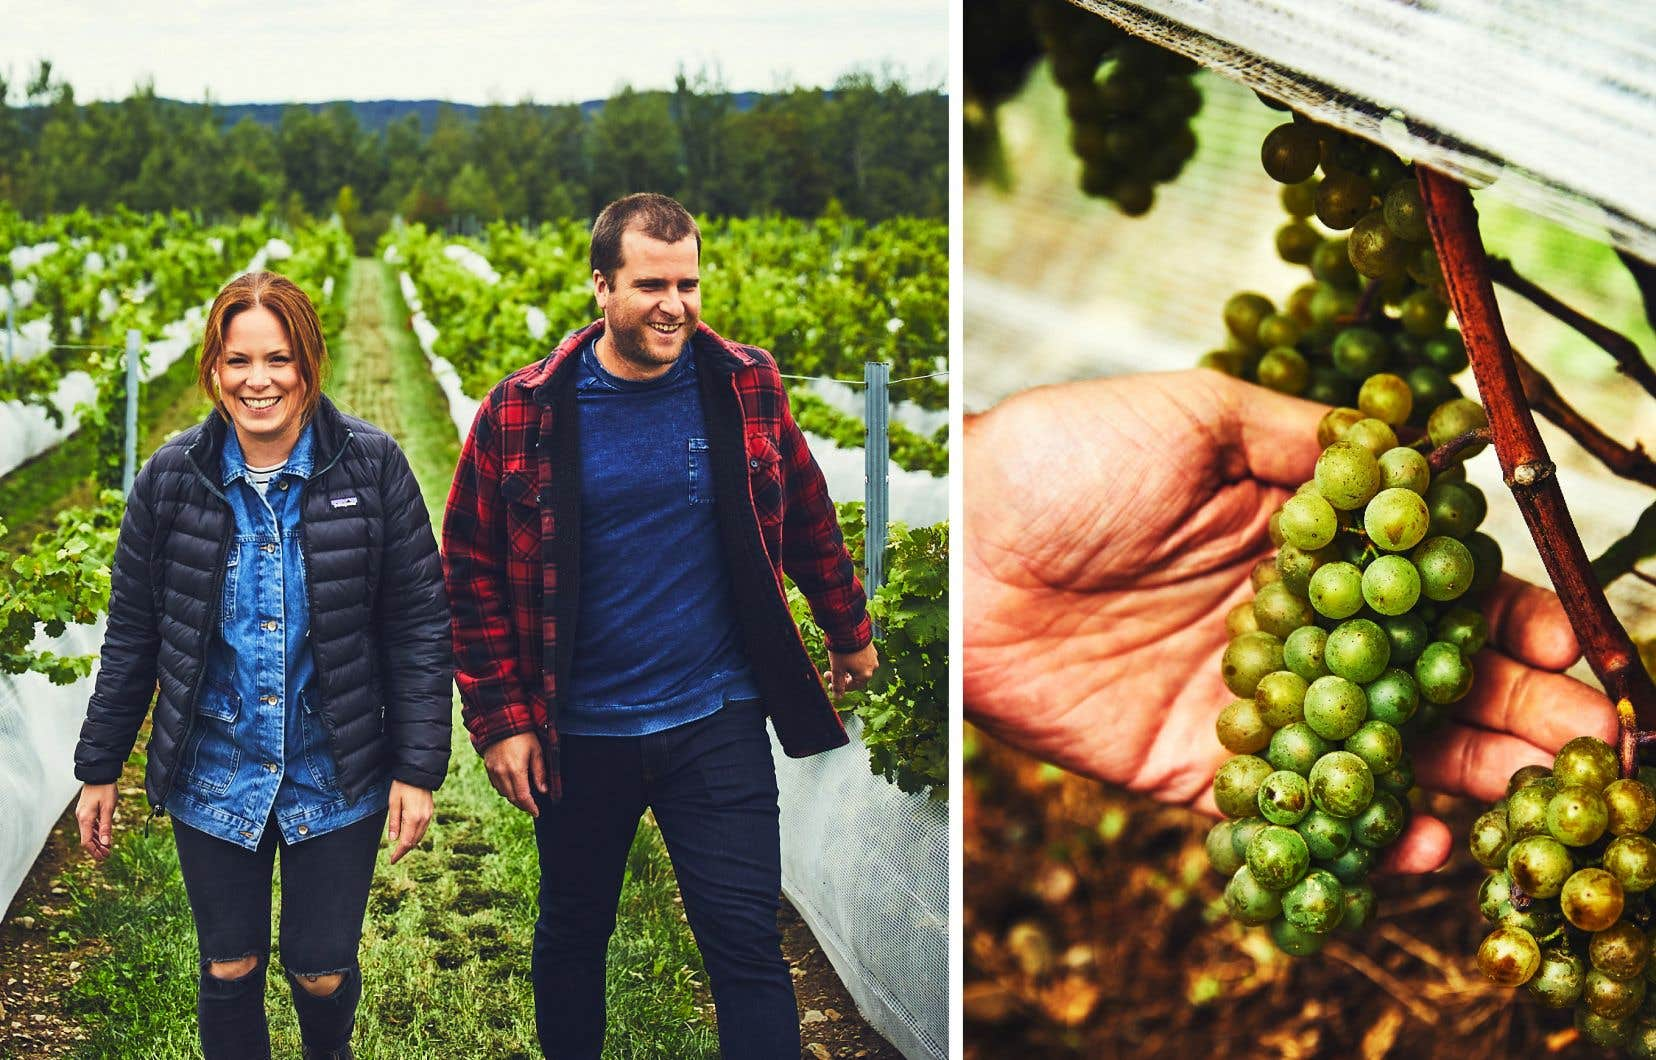 Après quatre années à soigner leurs vignes, Justine Thérien et Julien Niquet recueillent cet automne leurs premiers raisins mûrs.